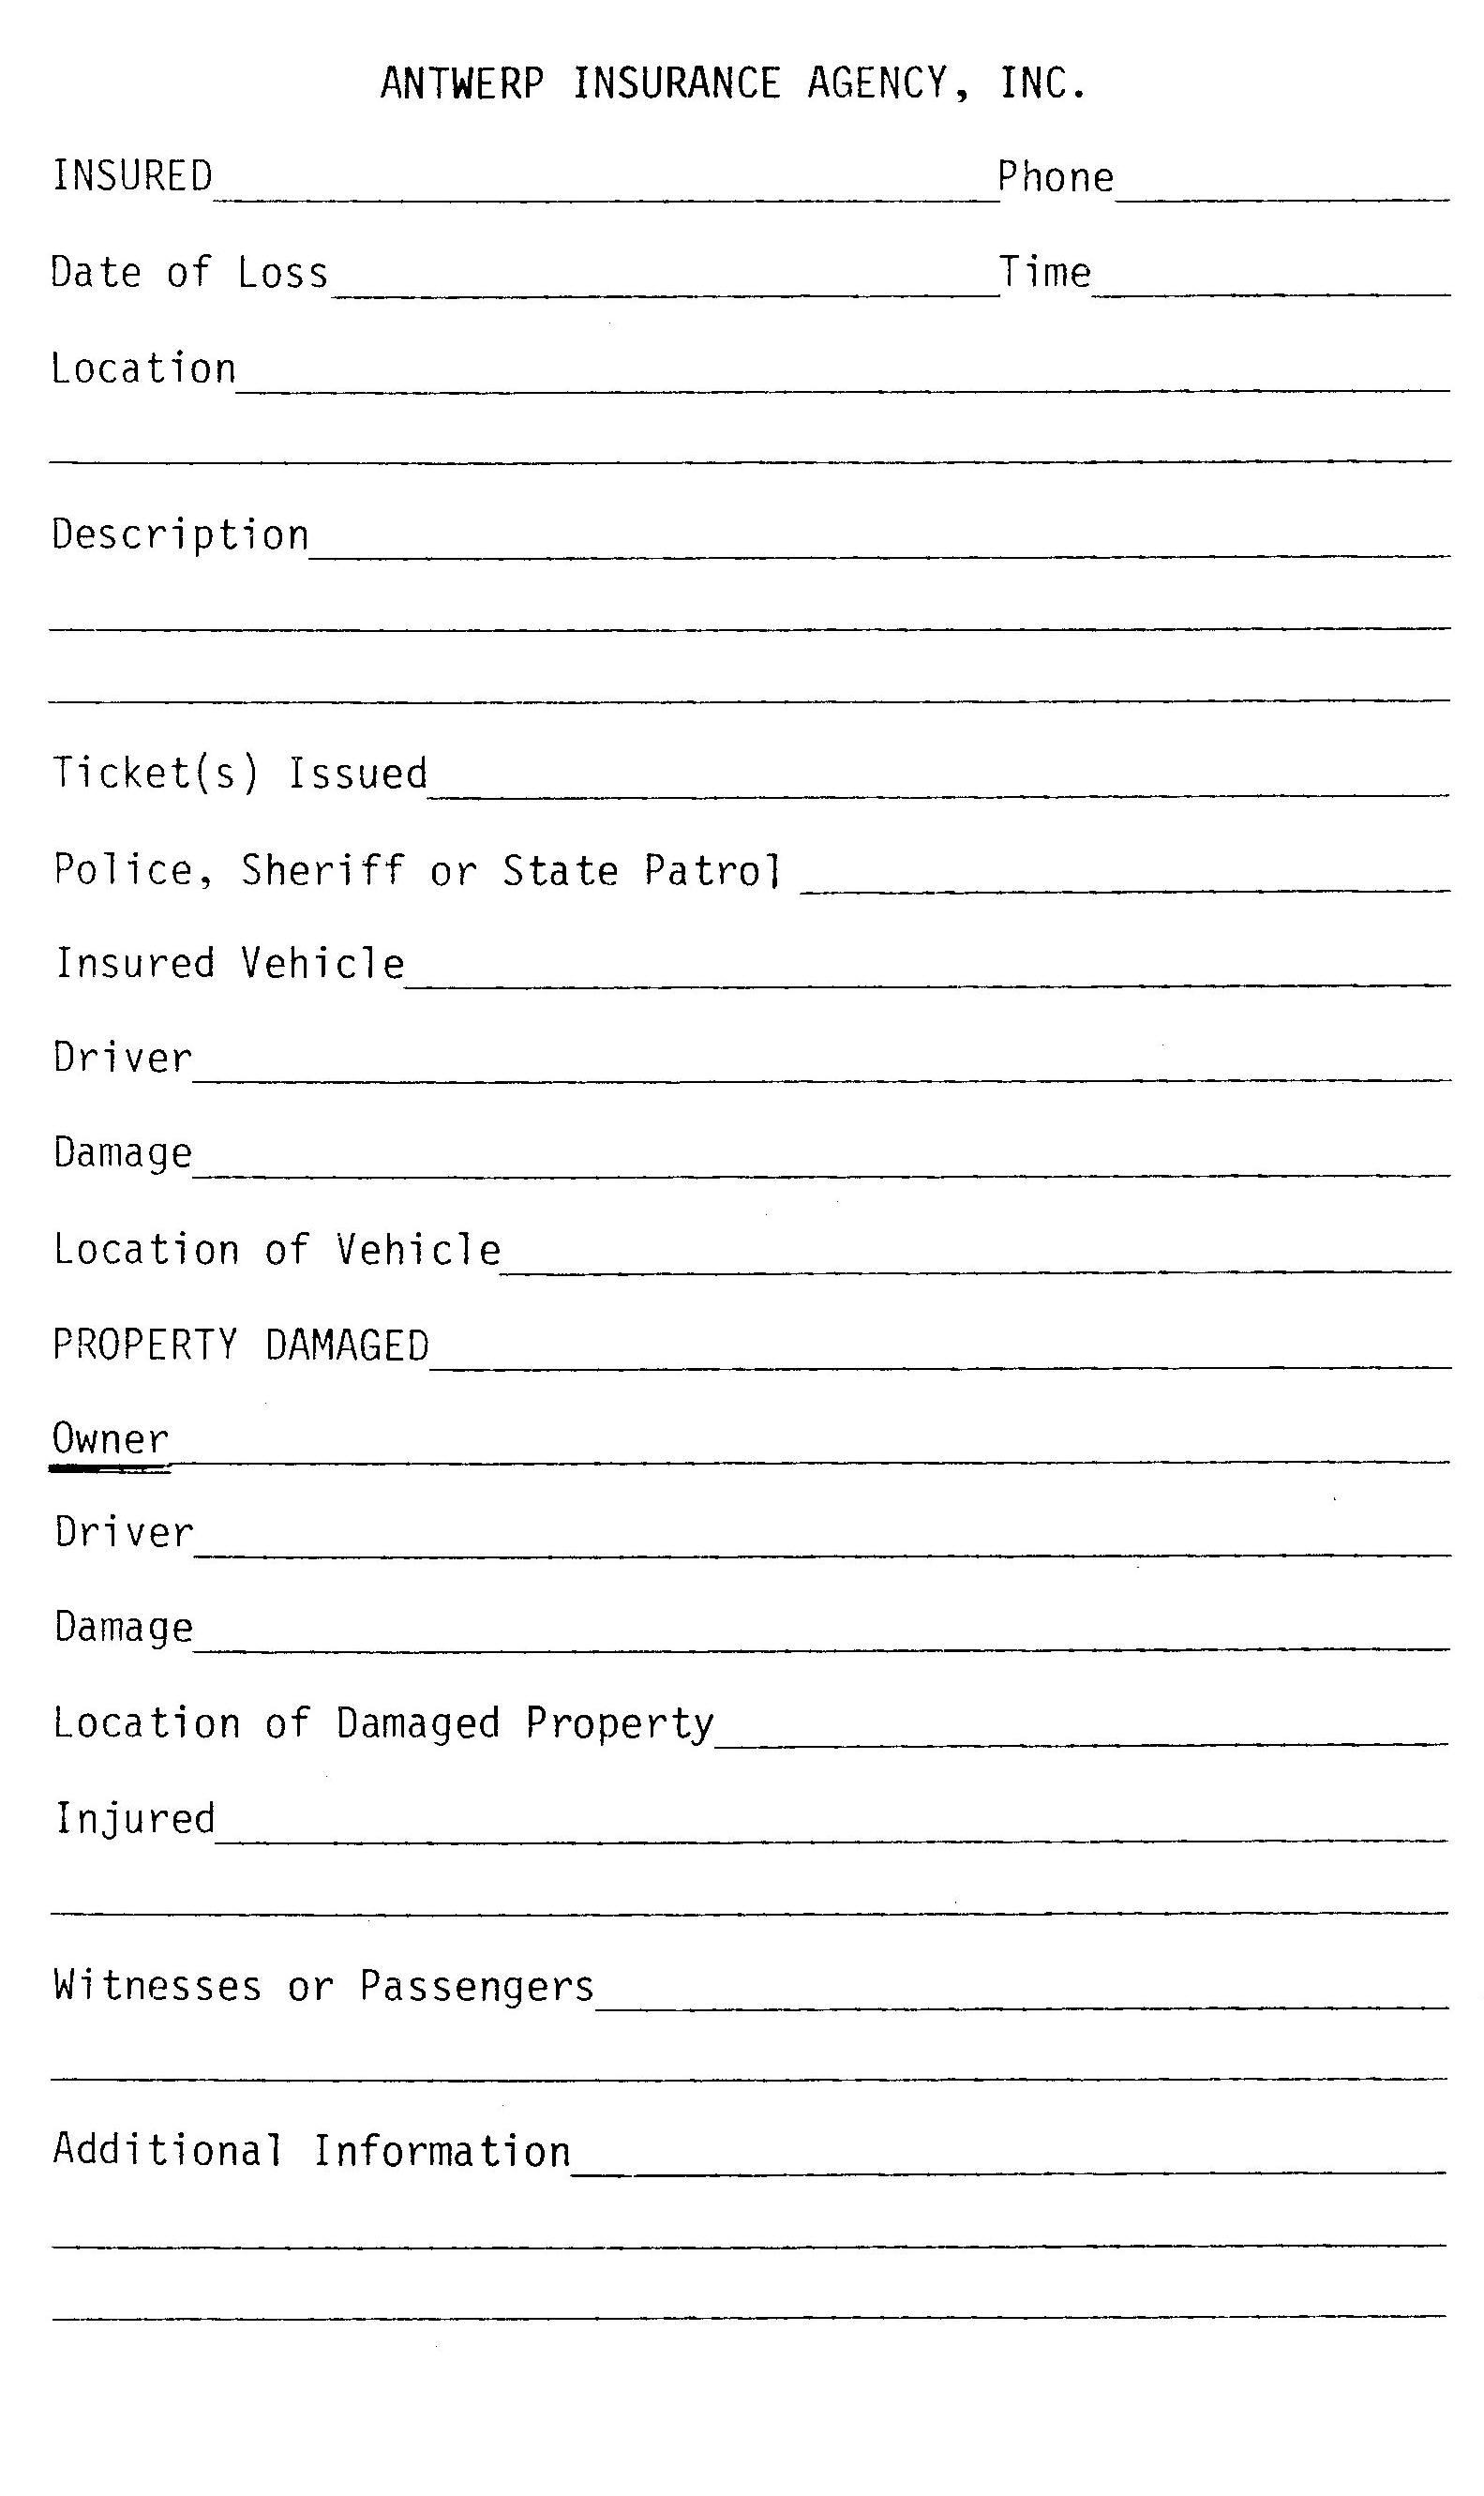 Auto Insurance Quote Form 44billionlater